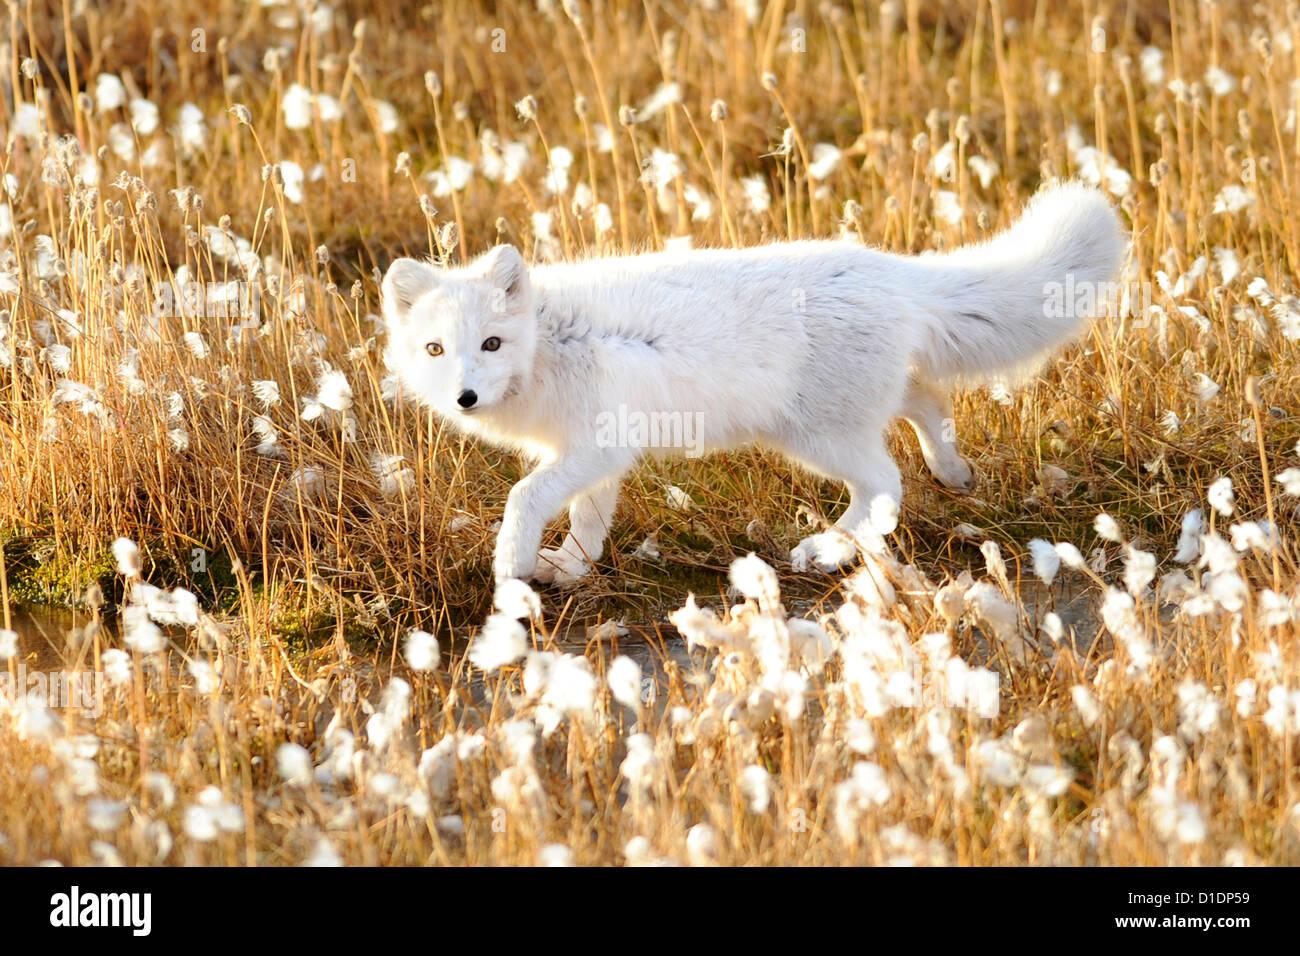 Un zorro ártico, camina a través de la hierba de algodón de Septiembre 17, 2012 en Pituffik, Groenlandia. Foto de stock